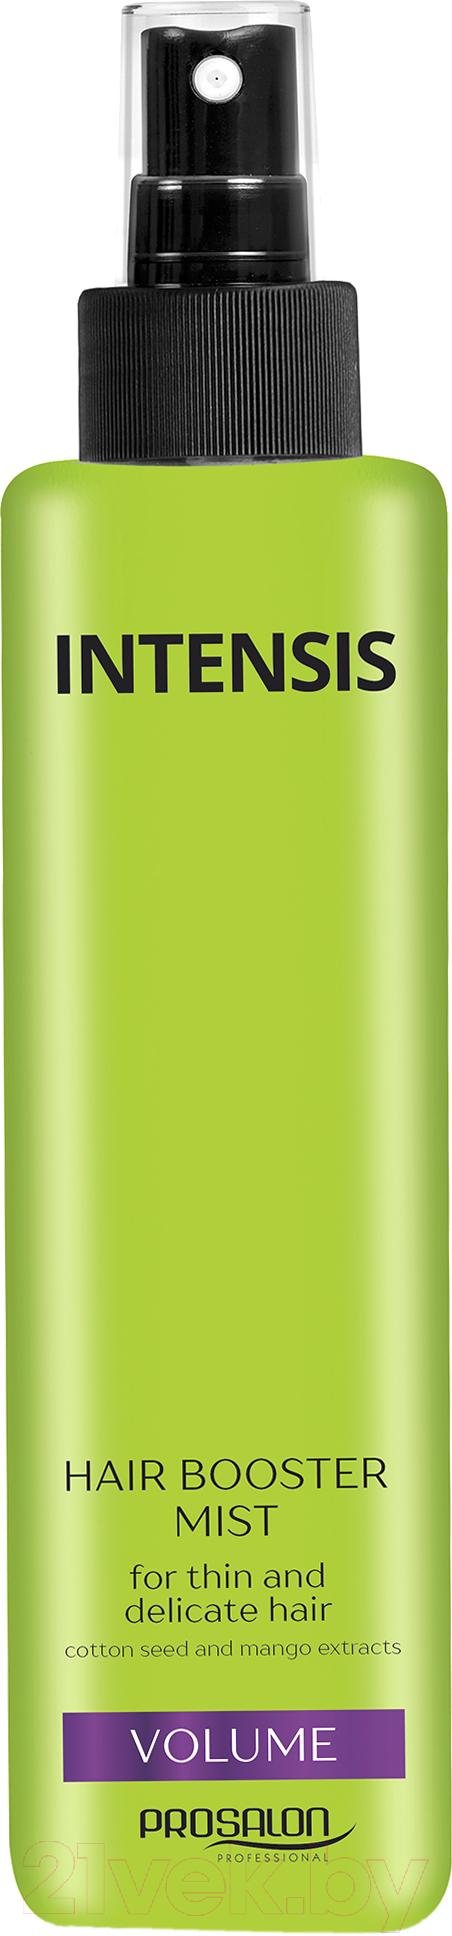 Купить Спрей для волос Prosalon, For Thin Limp and Delicate Hair вуаль-фиксатор для объема (200мл), Польша